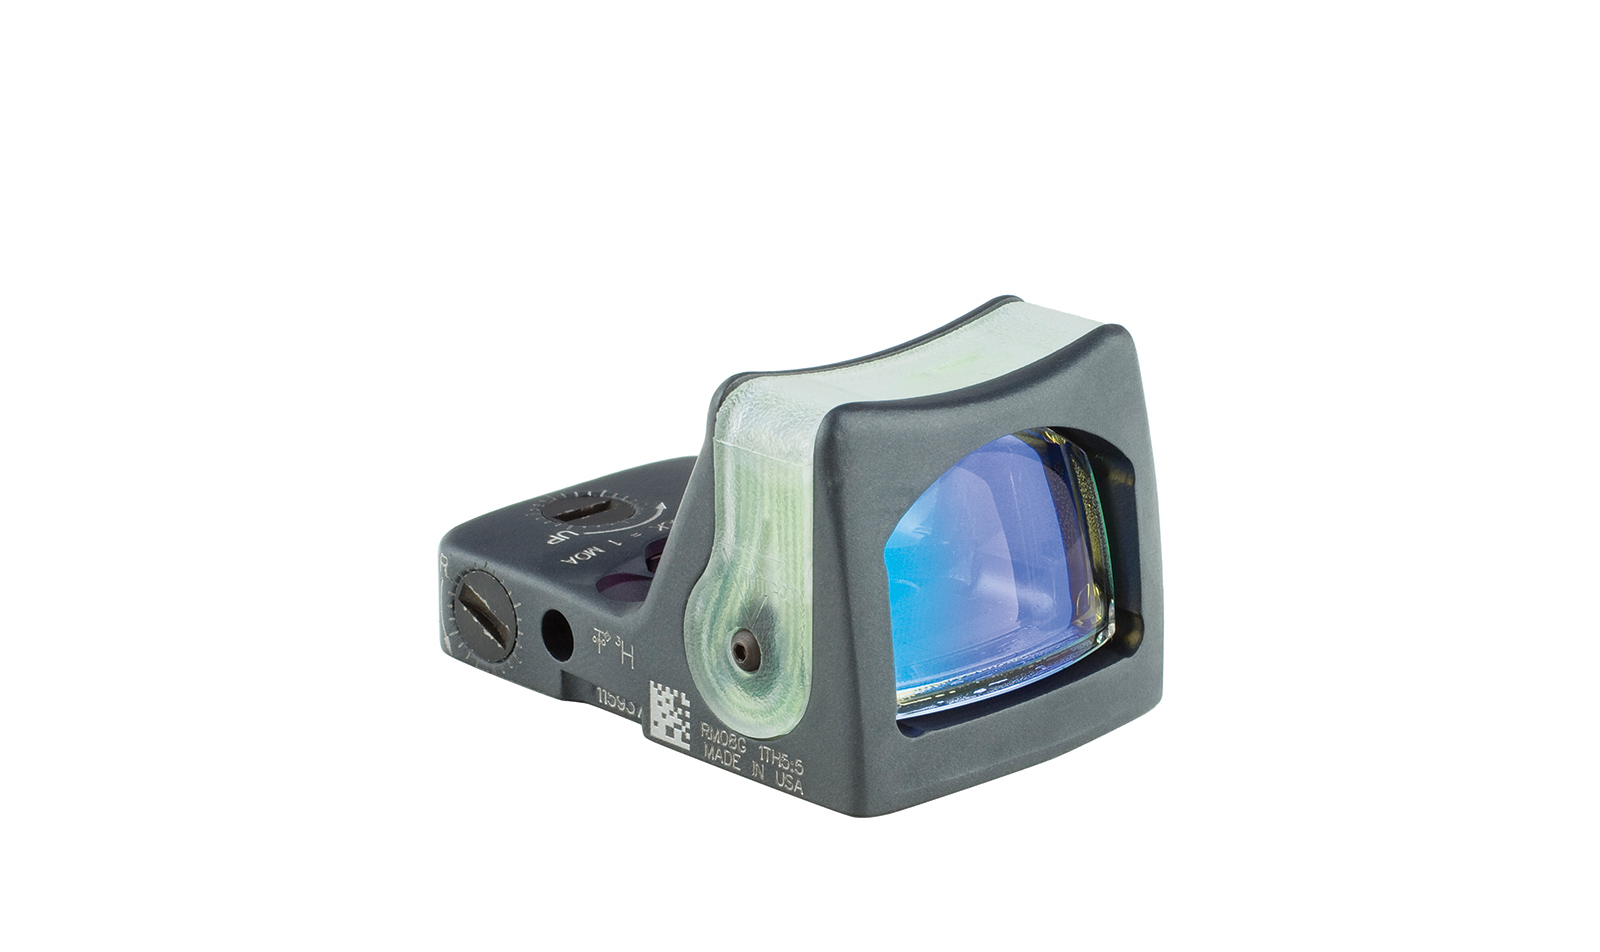 RM08-C-700256 angle 7